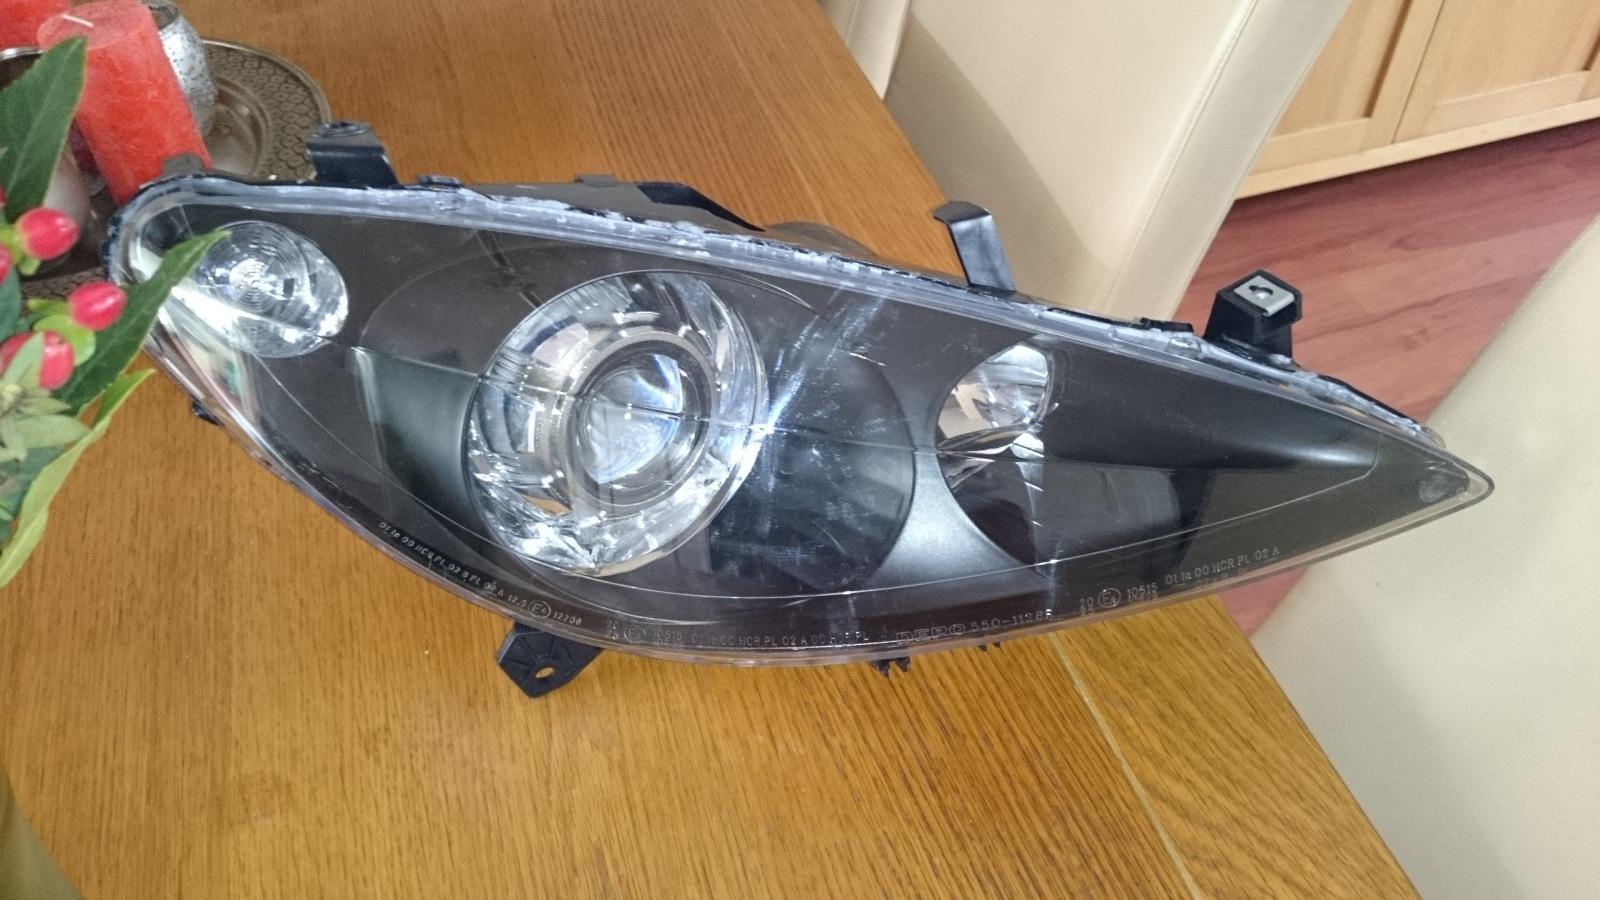 Peugeot 307 bi-xenon projector installation